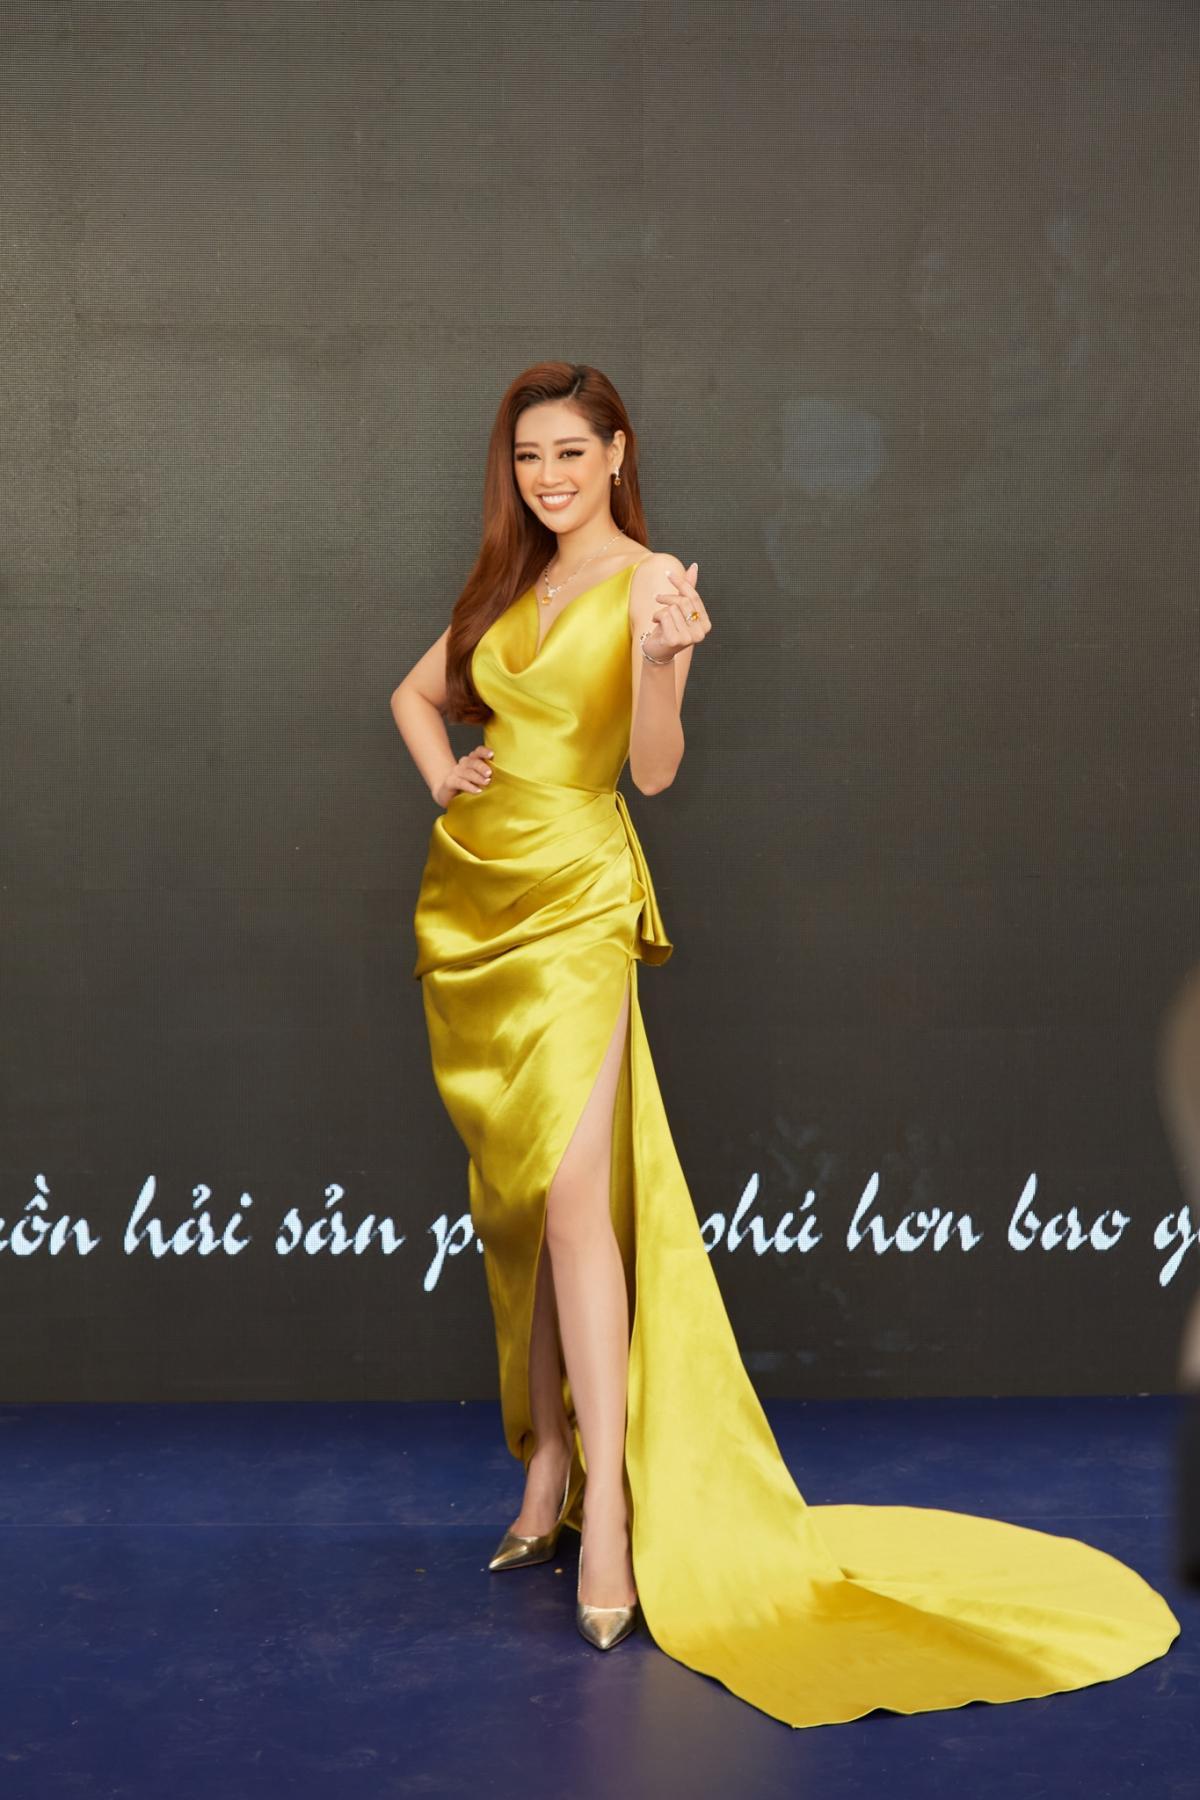 Hoa hậu Khánh Vân xinh đẹp nổi bật với đầm vàng gợi cảm đi dự sự kiện Ảnh 1